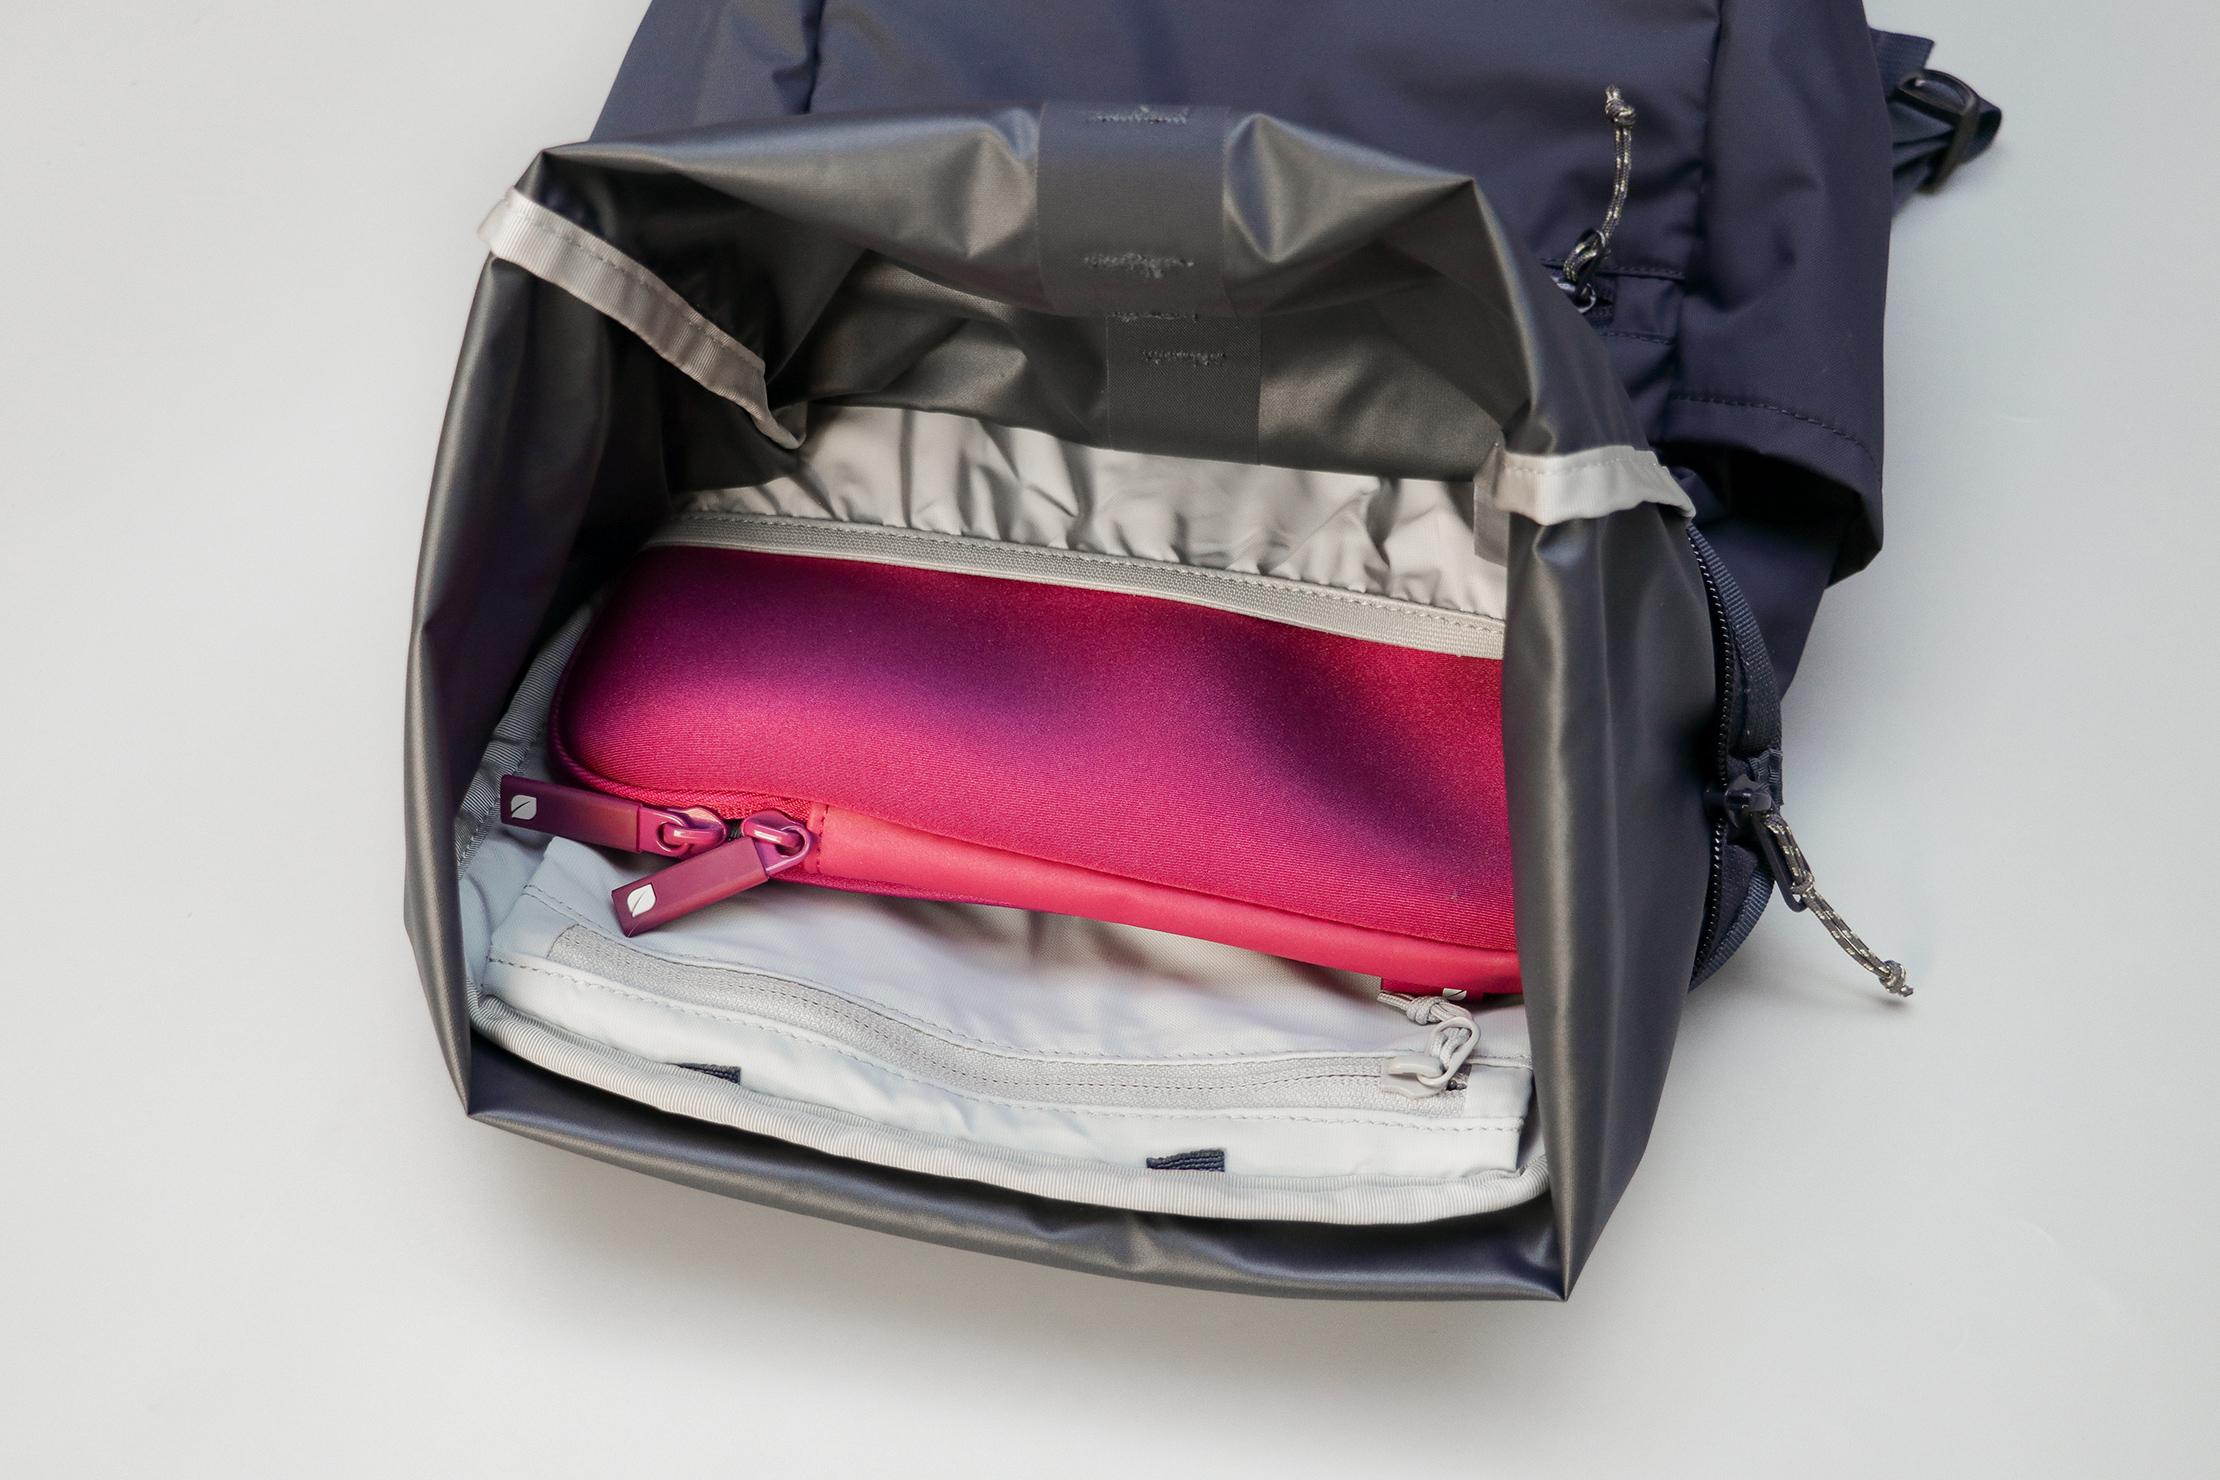 Fjallraven High Coast Foldsack 24 Laptop Sleeve